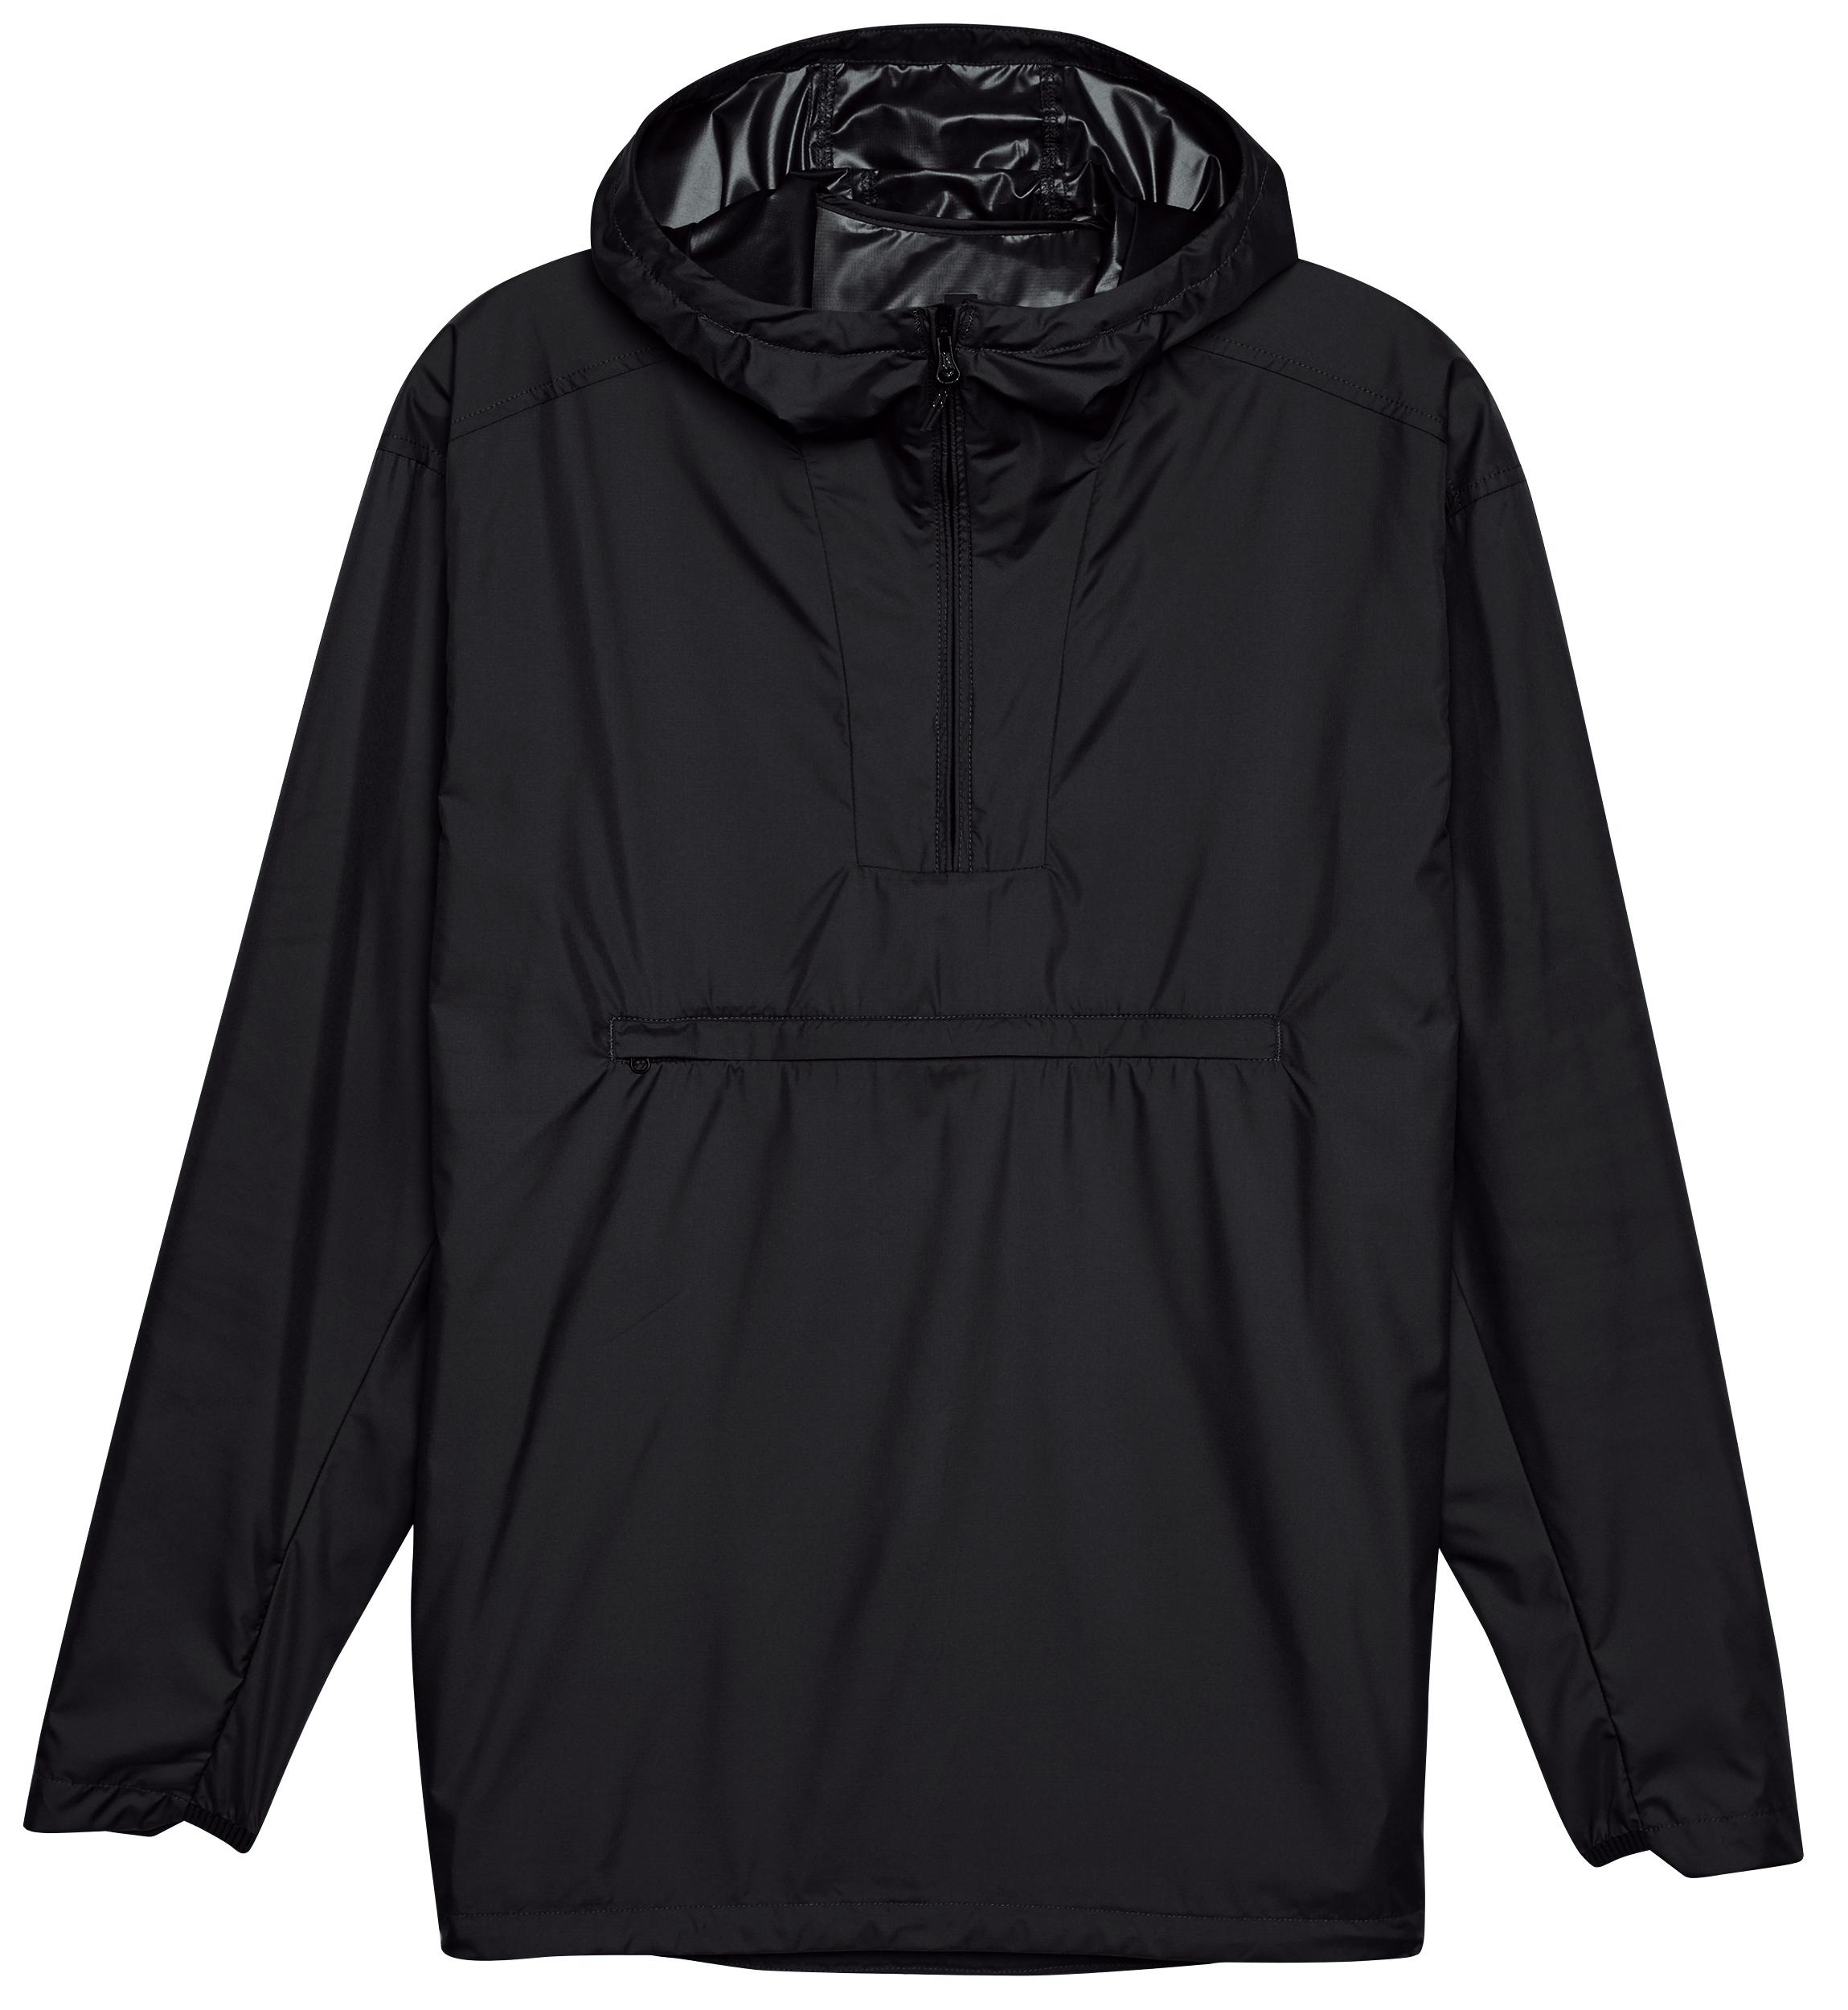 0379c68830a3 Women s Jackets